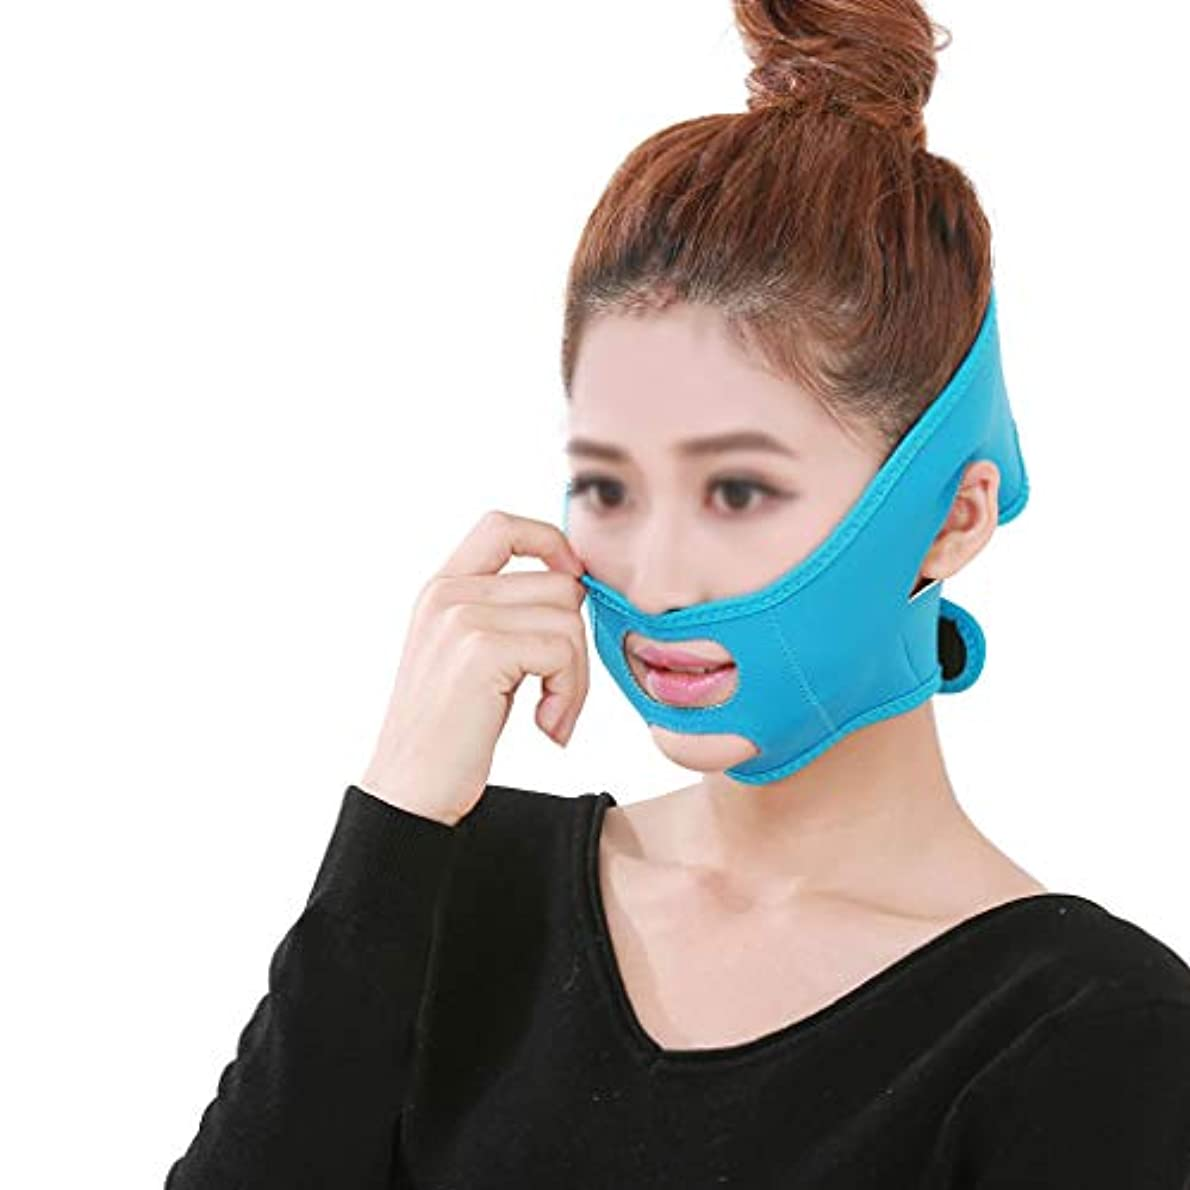 矛盾する放置キャリアGLJJQMY 顔の顔のマスク小さなV顔包帯薄い顔のアーティファクトは、二重顎リフト肌を減らす 顔用整形マスク